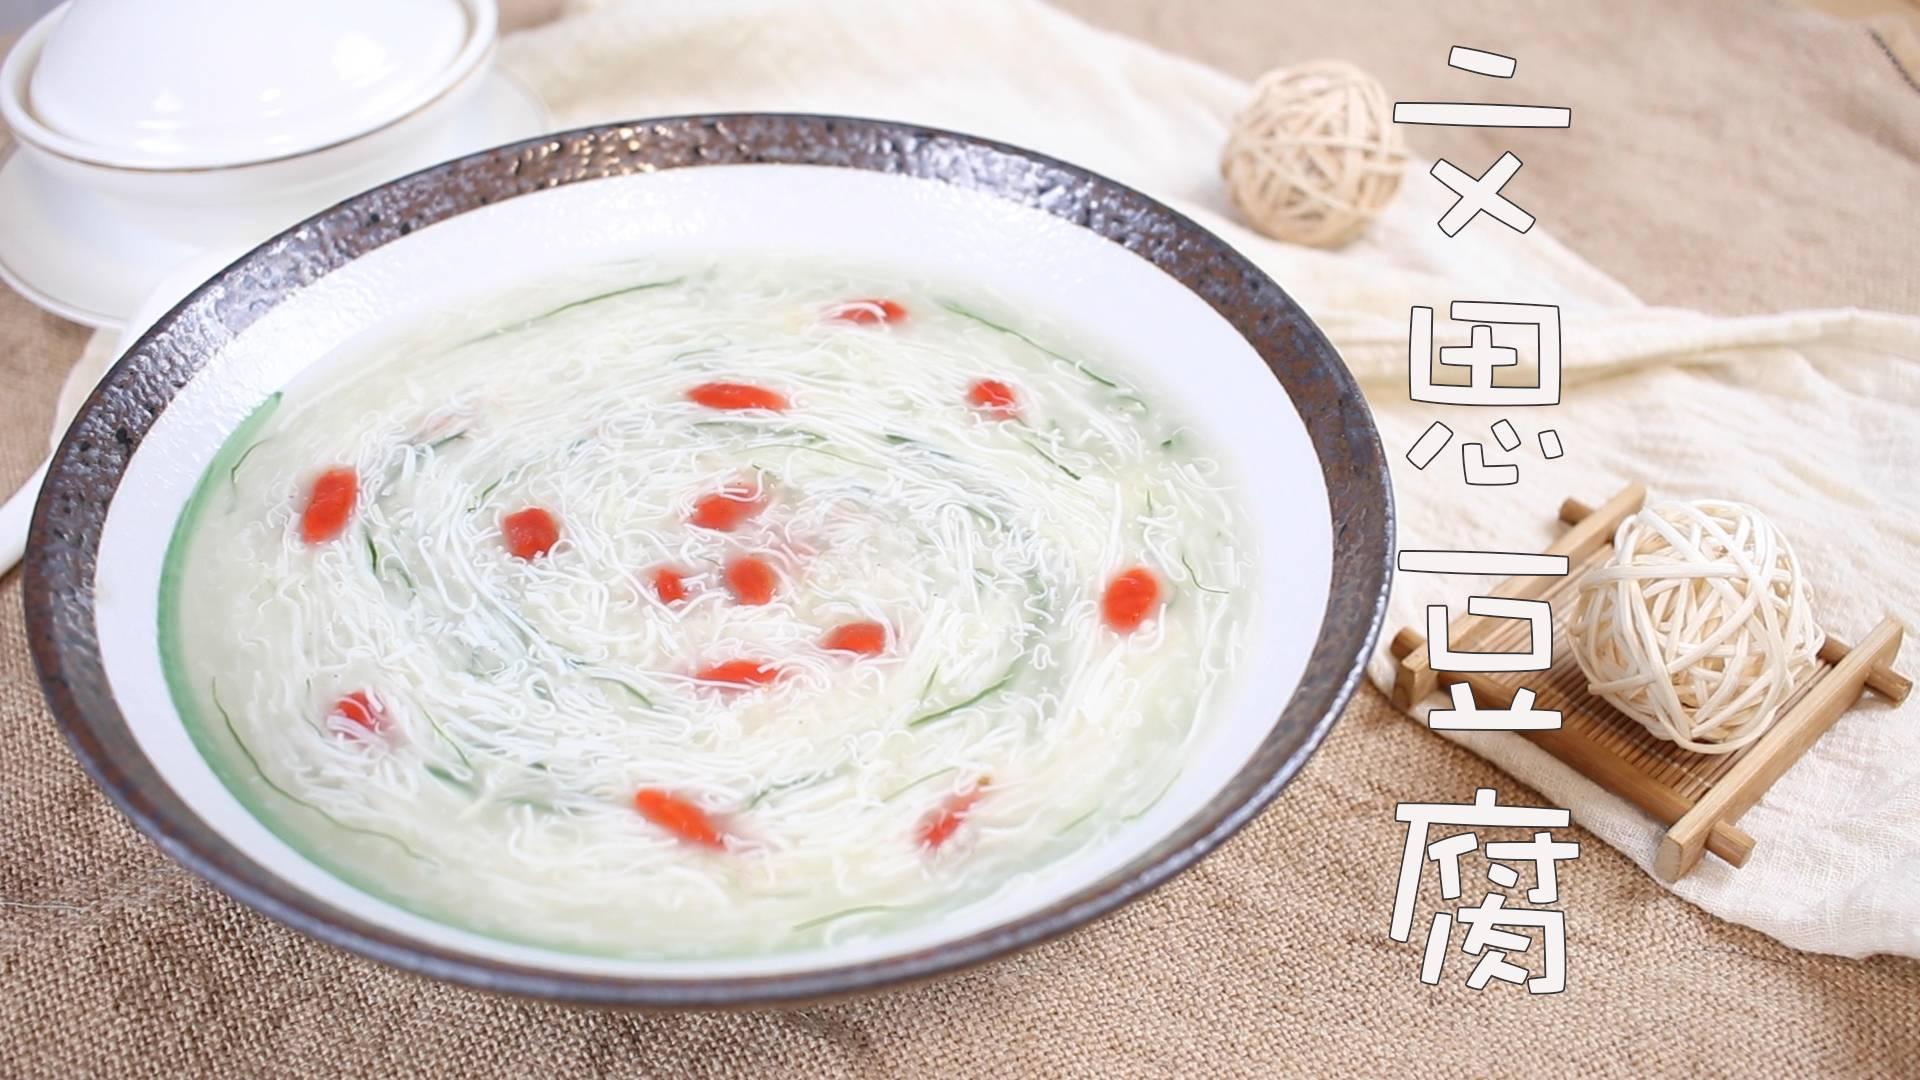 传说中的最考验刀功的文思豆腐,普通人能切成什么样?